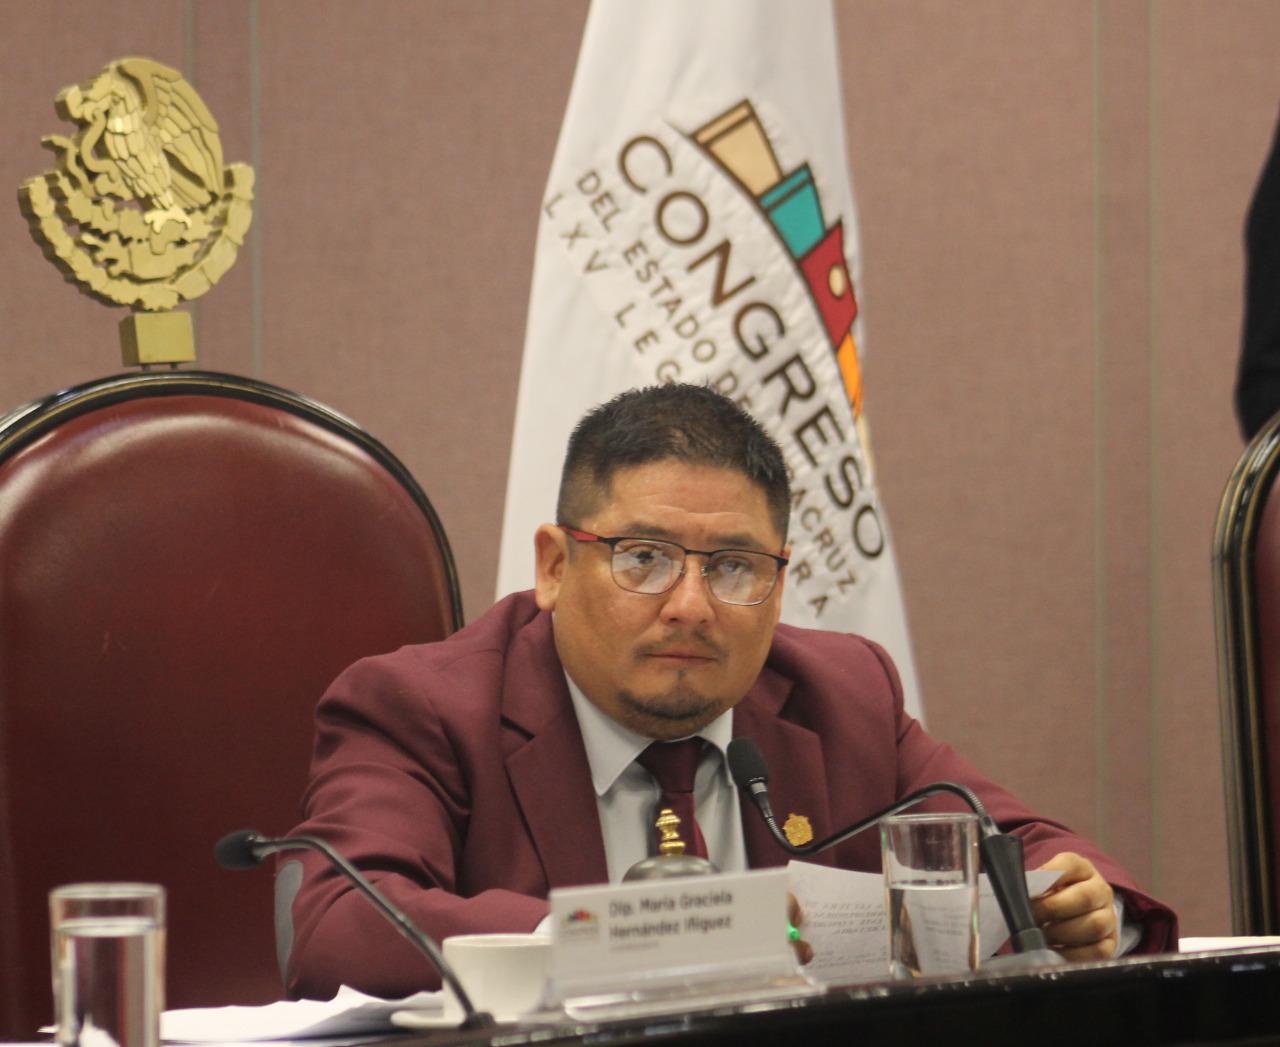 Quedan subsanados conflictos en ayuntamiento de Coetzala: Rubén Ríos